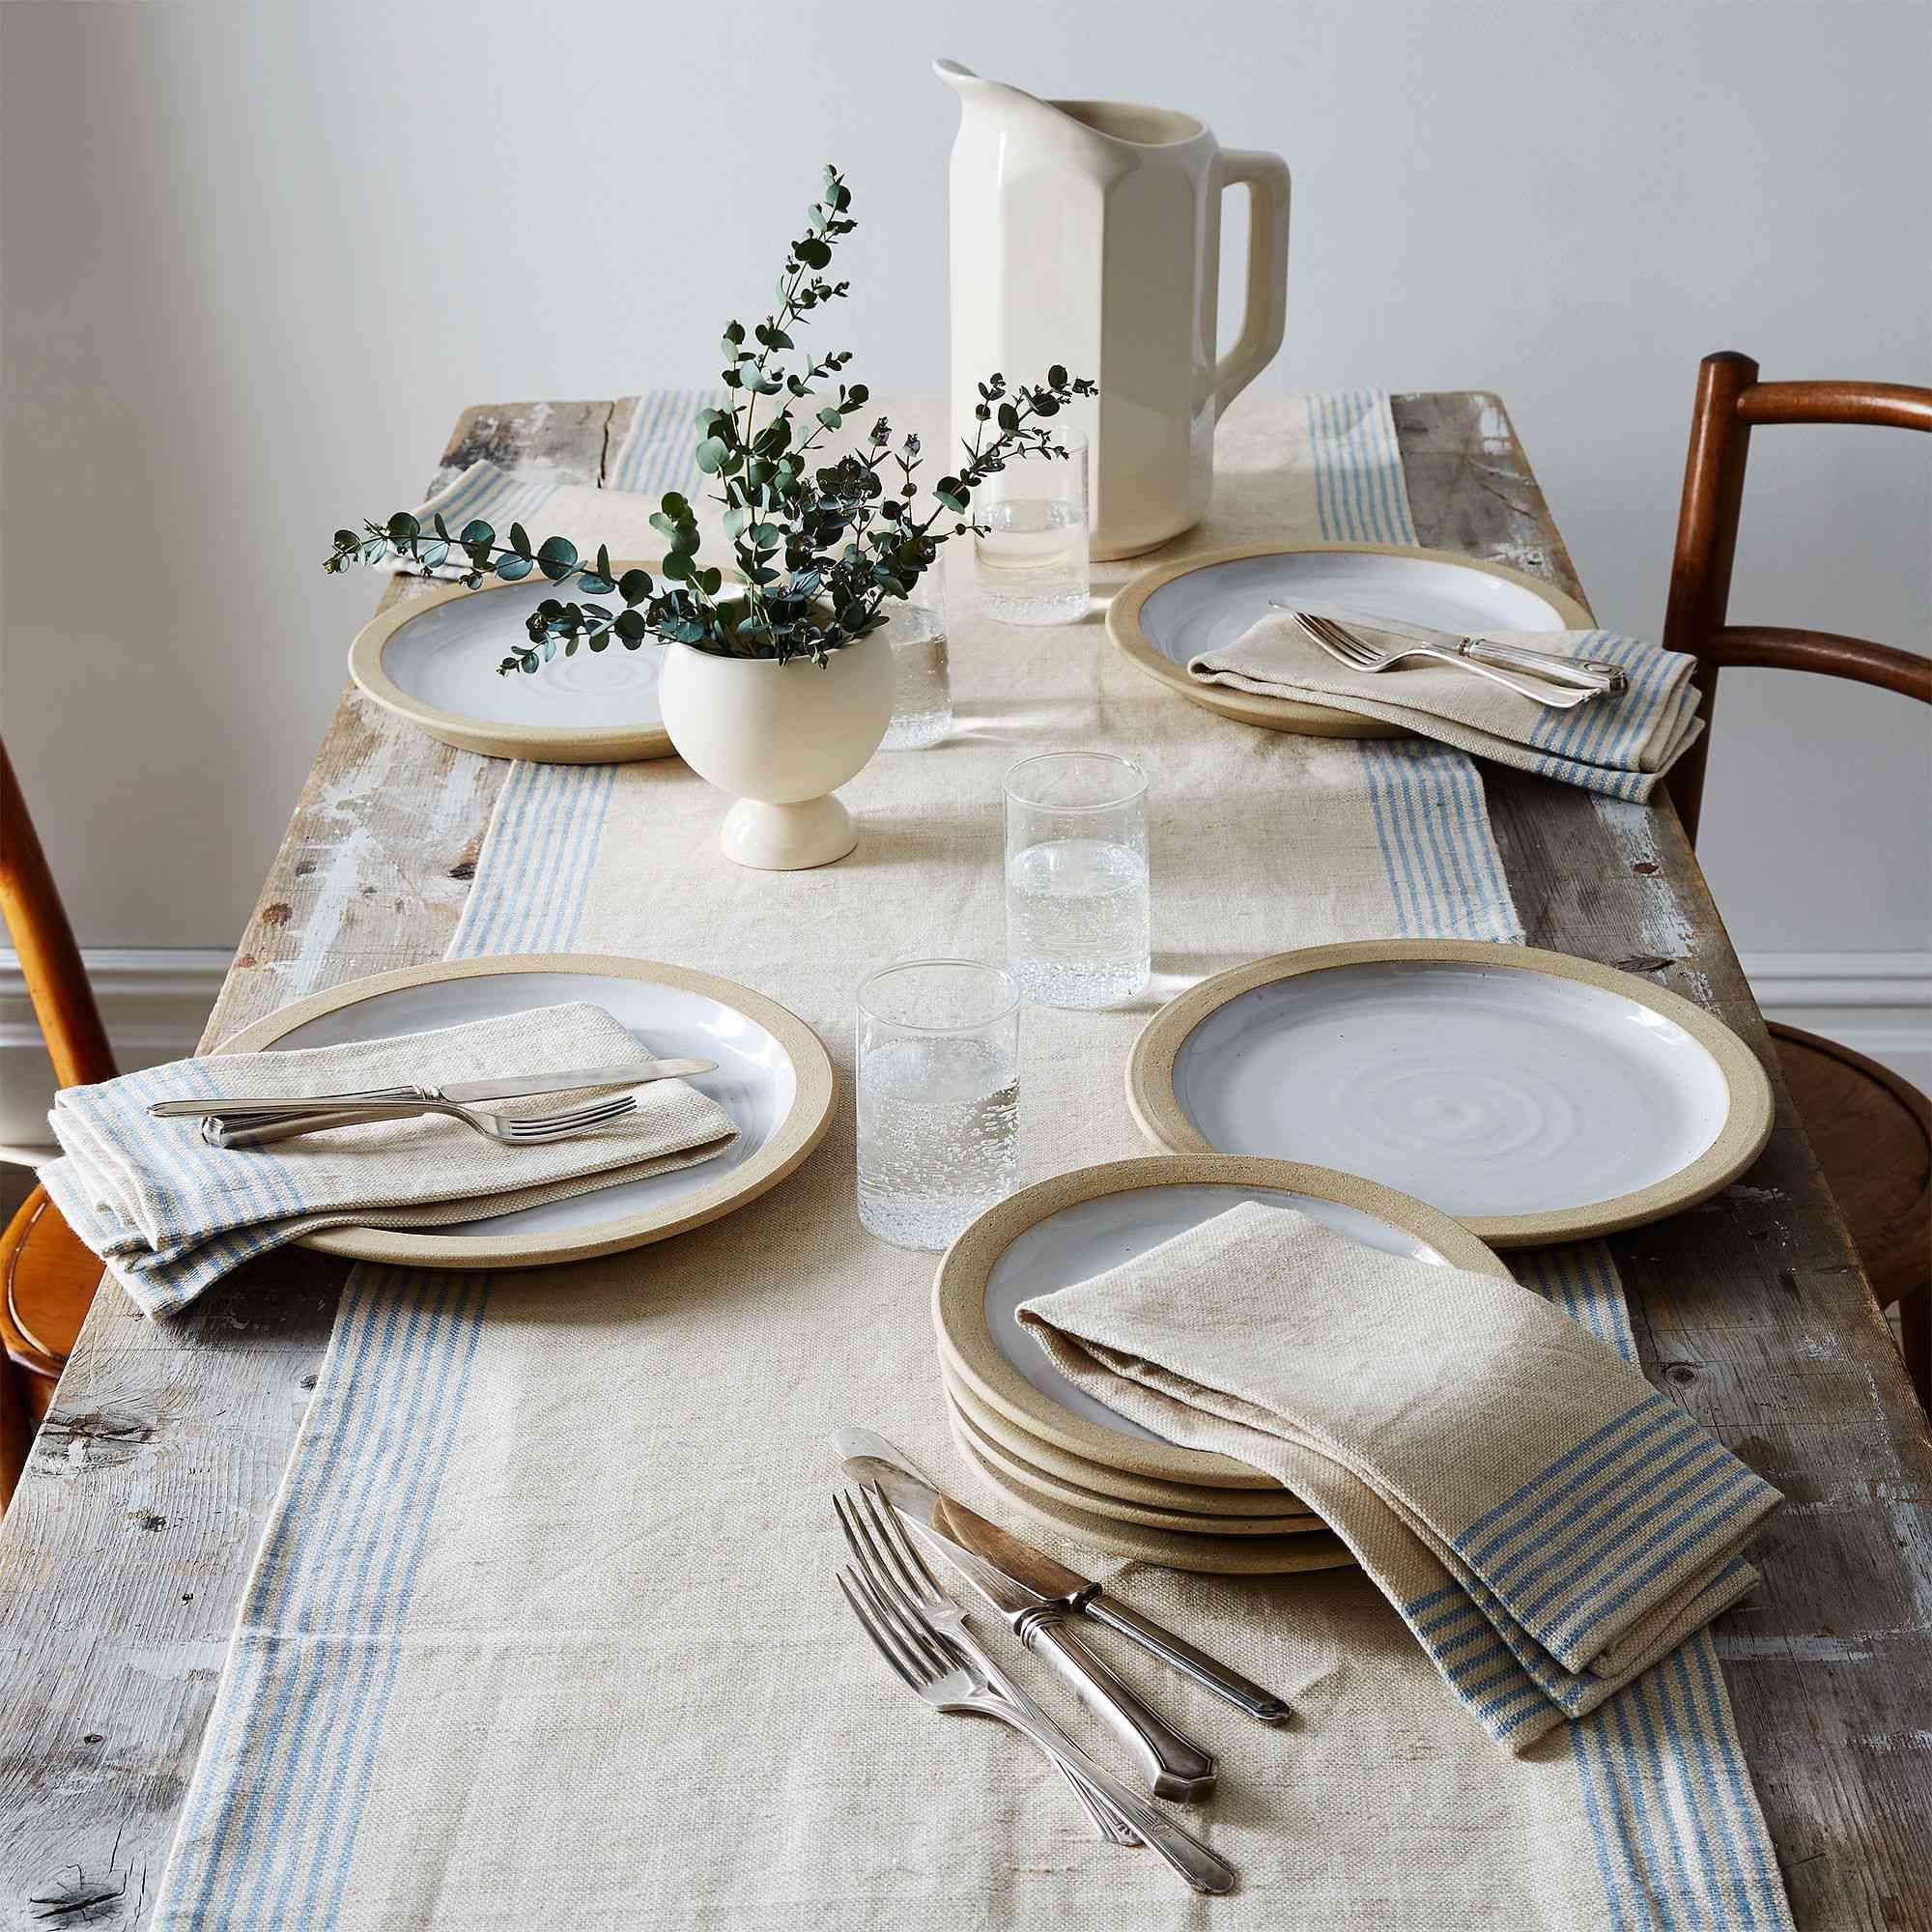 Farmhouse Pottery Agrarian Striped Linen Napkins